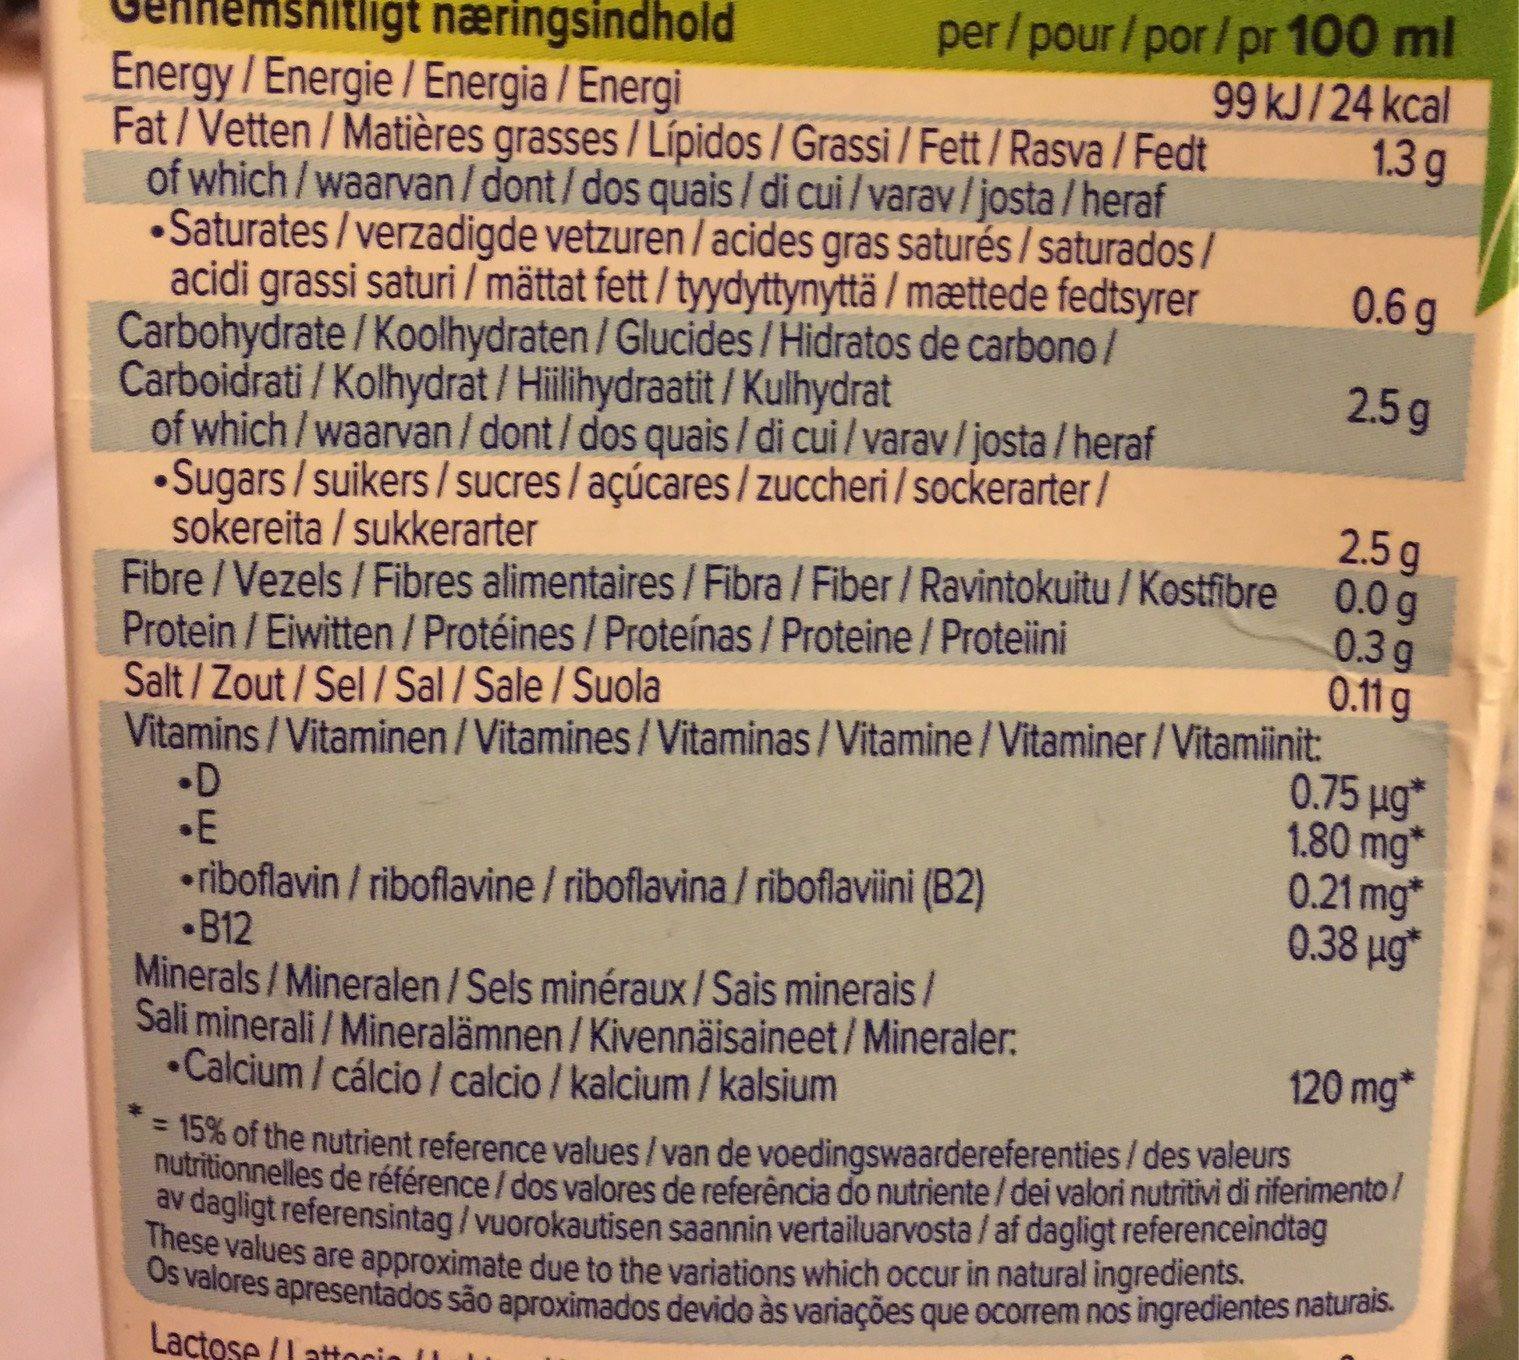 Lait coco amande - Nutrition facts - fr